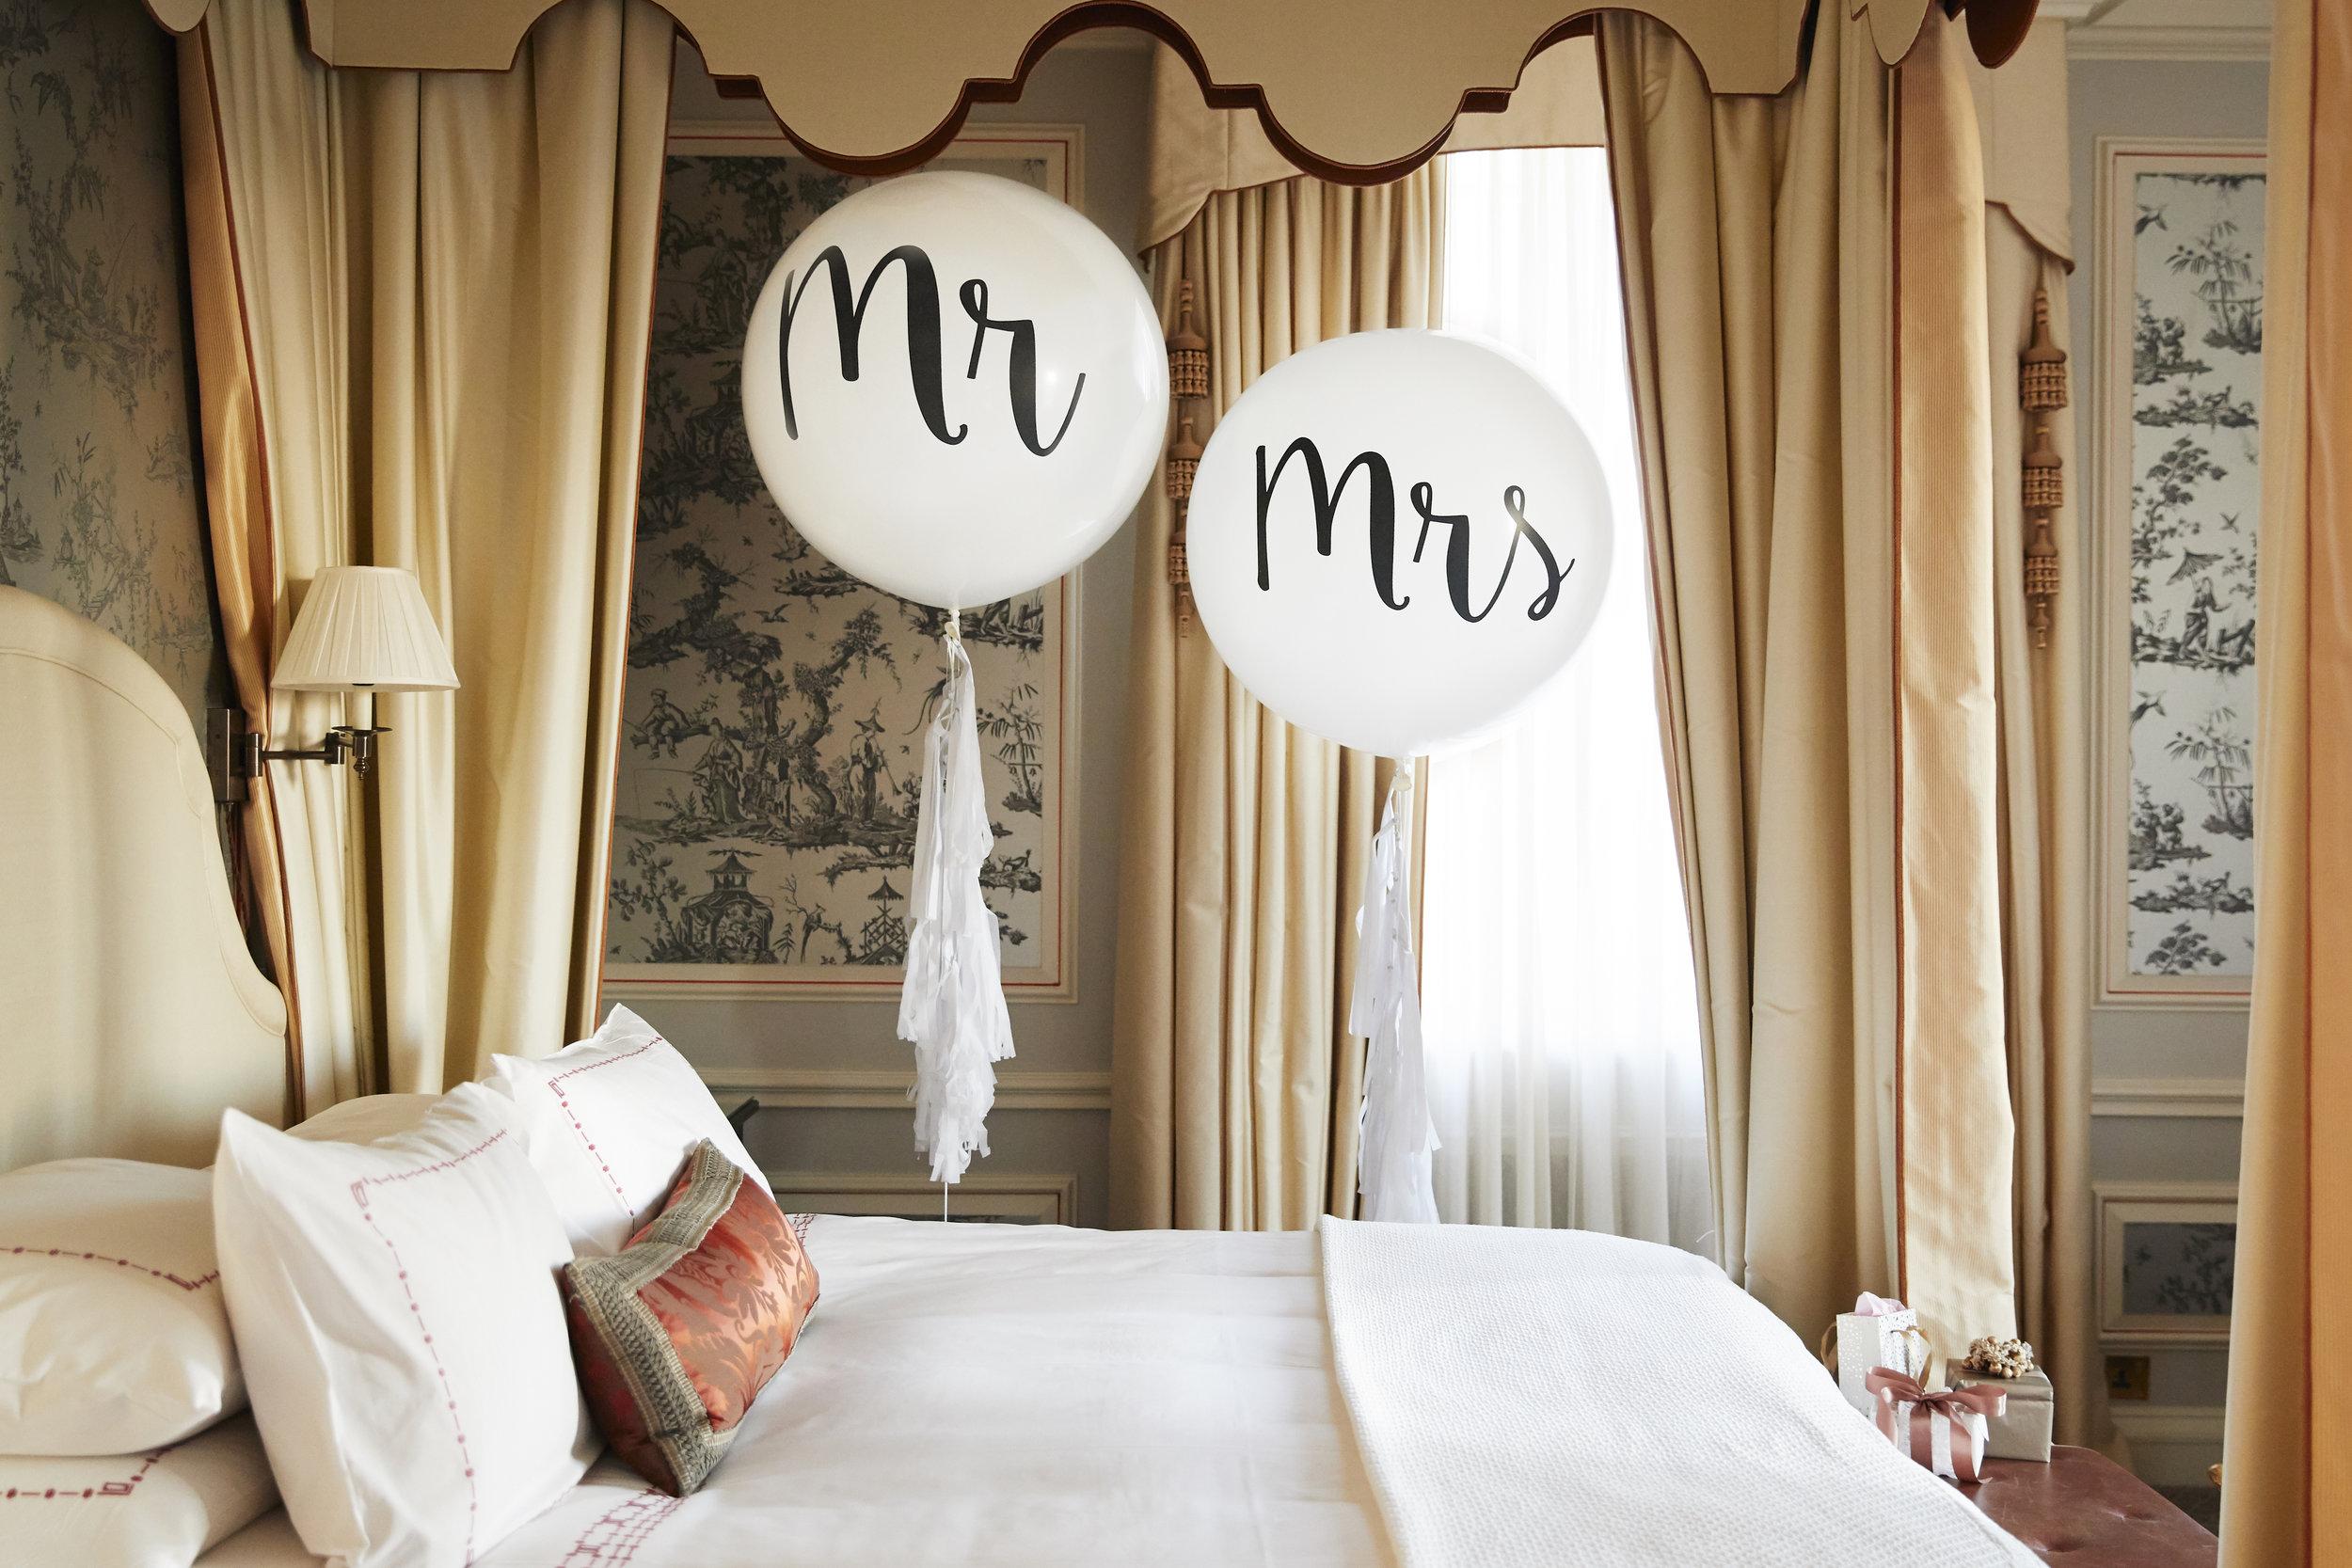 20190117-balloons-Mr&Mrs-b-hrj.jpg